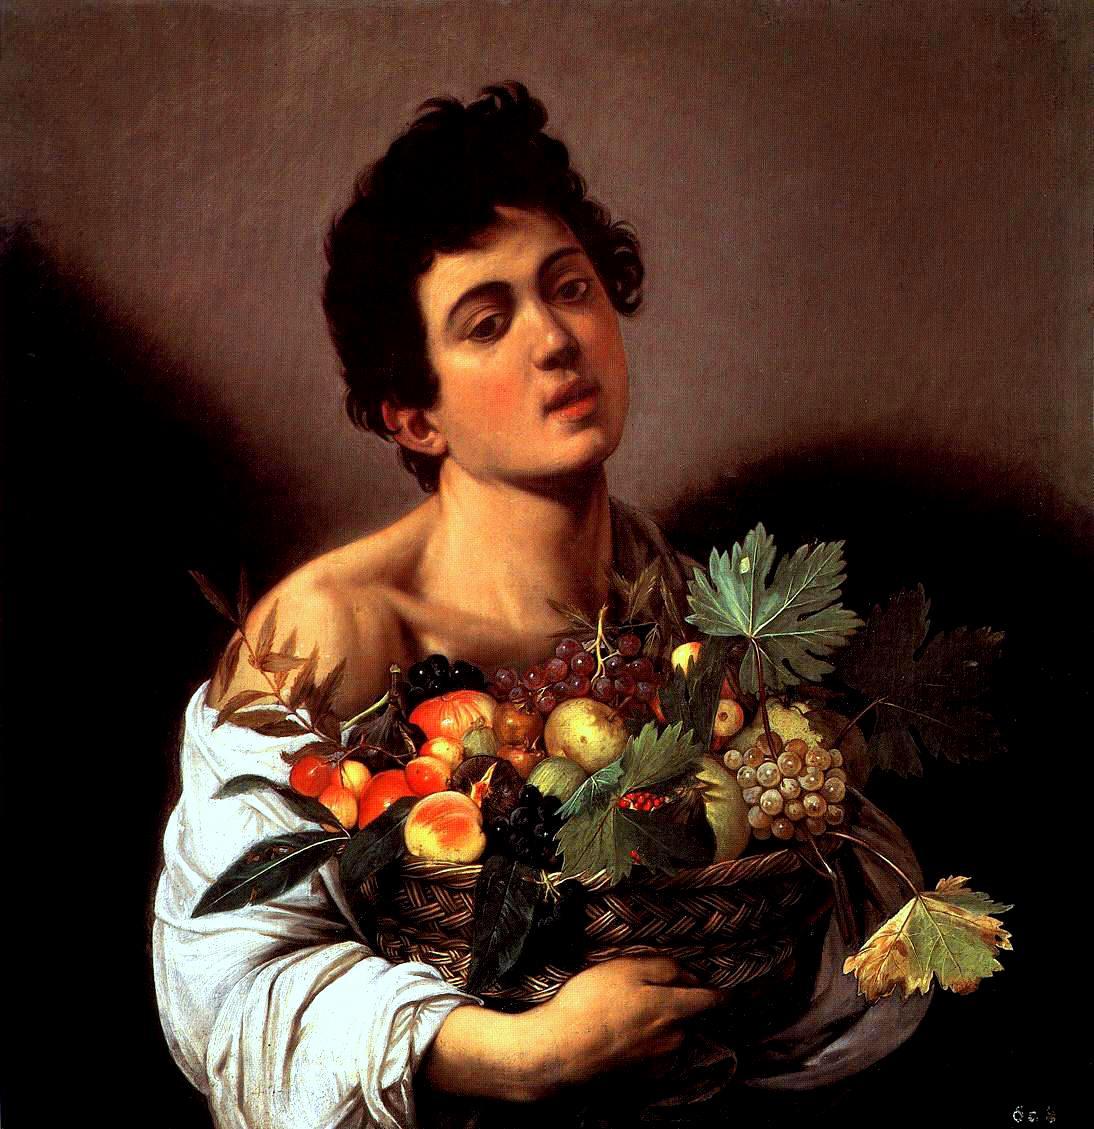 Fanciullo con canestro di frutta - Wikipedia